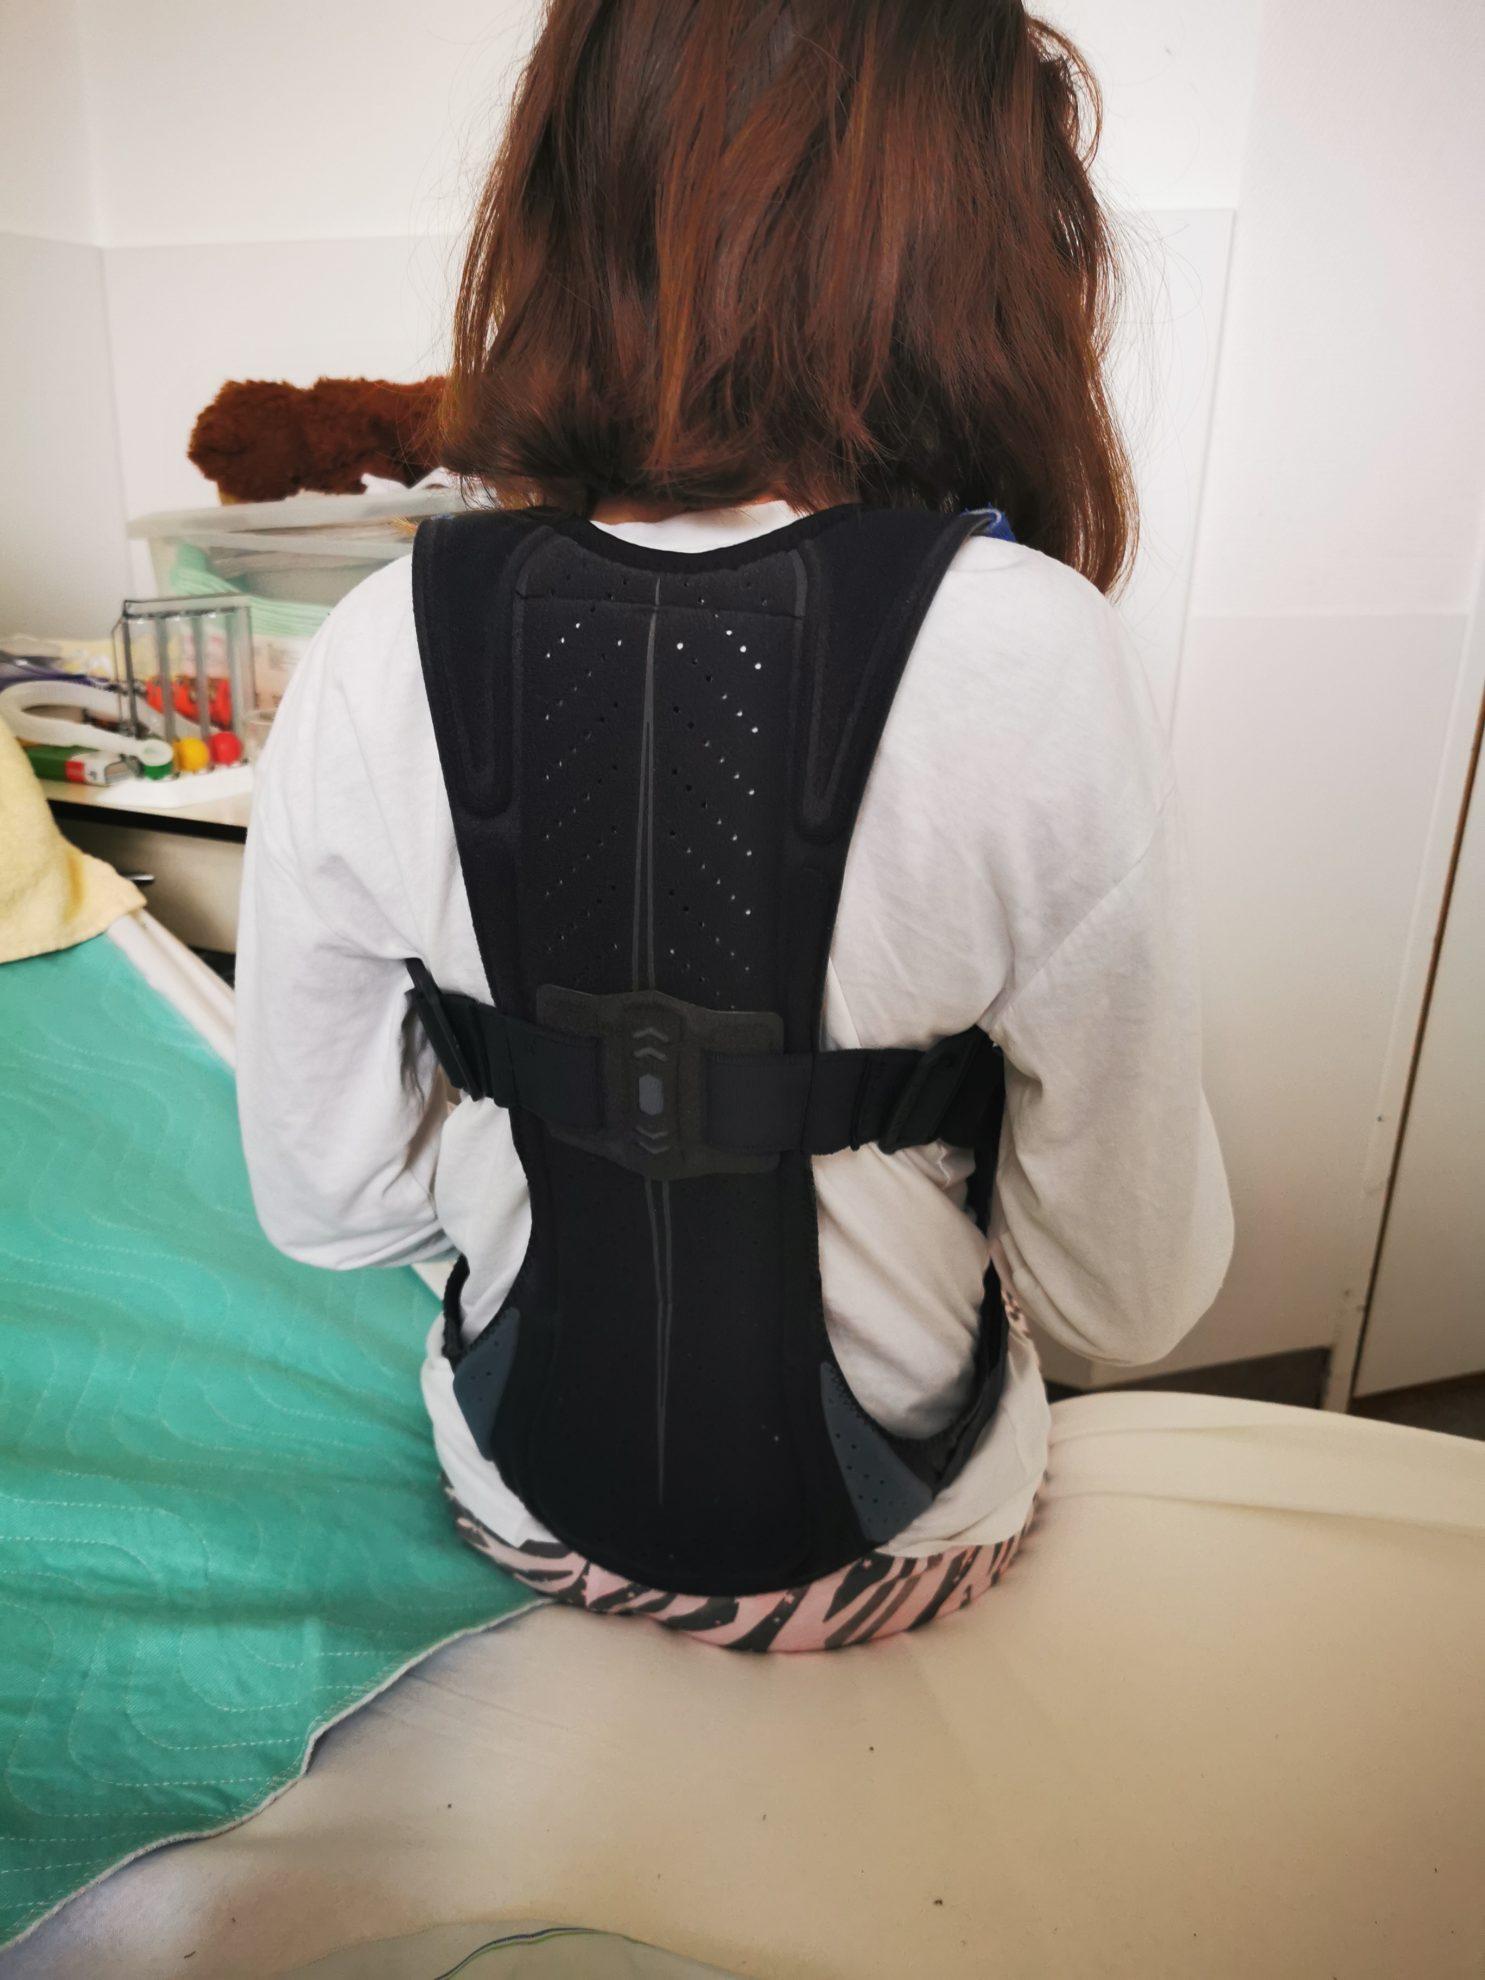 Seit der Halbwirbelentfernung in der Hessing Klinik in Augsburg gehört das Korsett zum Alltag der 11-jährigen.